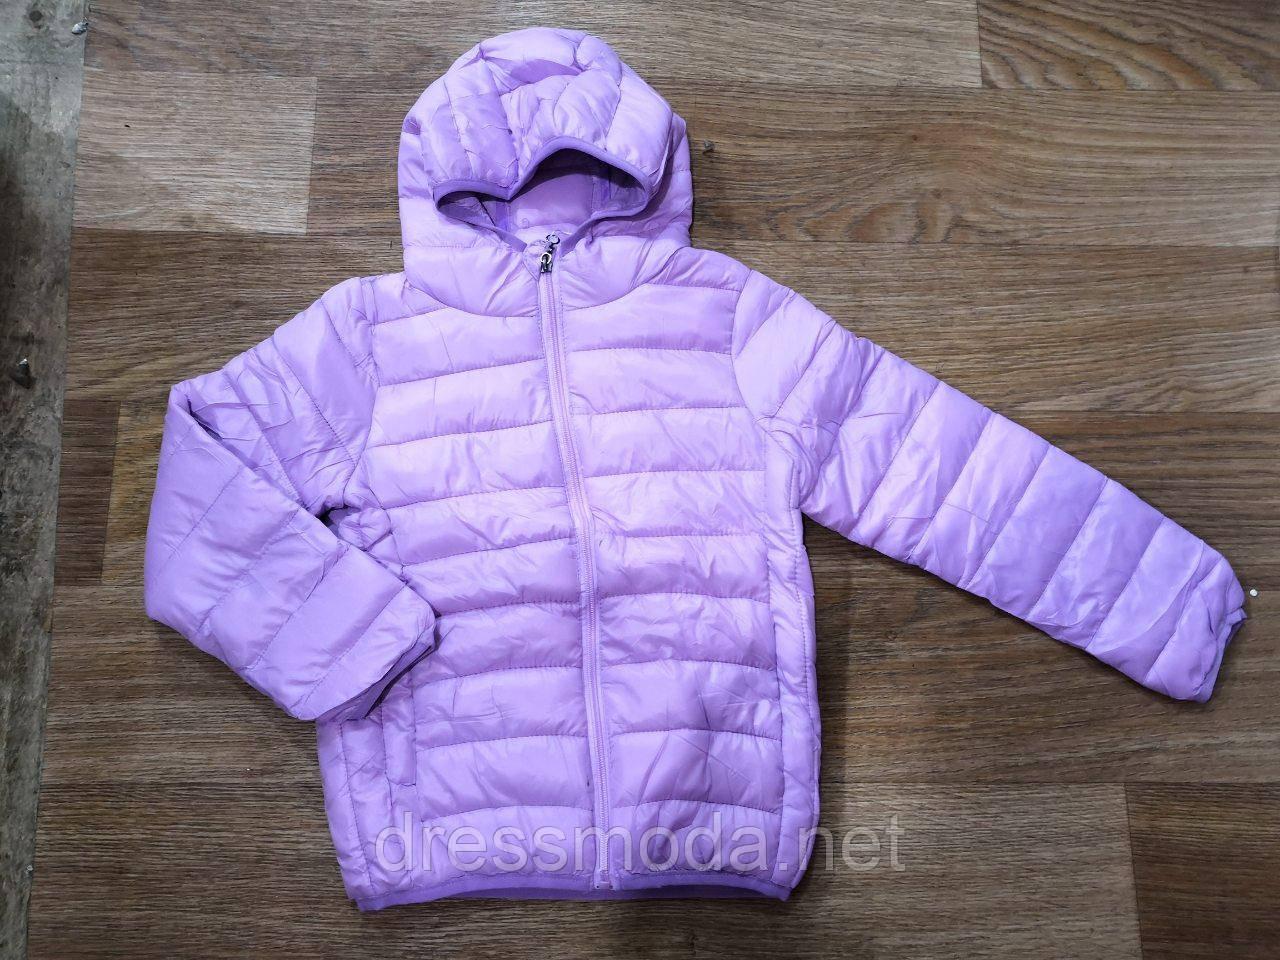 d06efba0620 Куртка демисезонная для девочек Glo-Story 110-160 р.р.  продажа ...